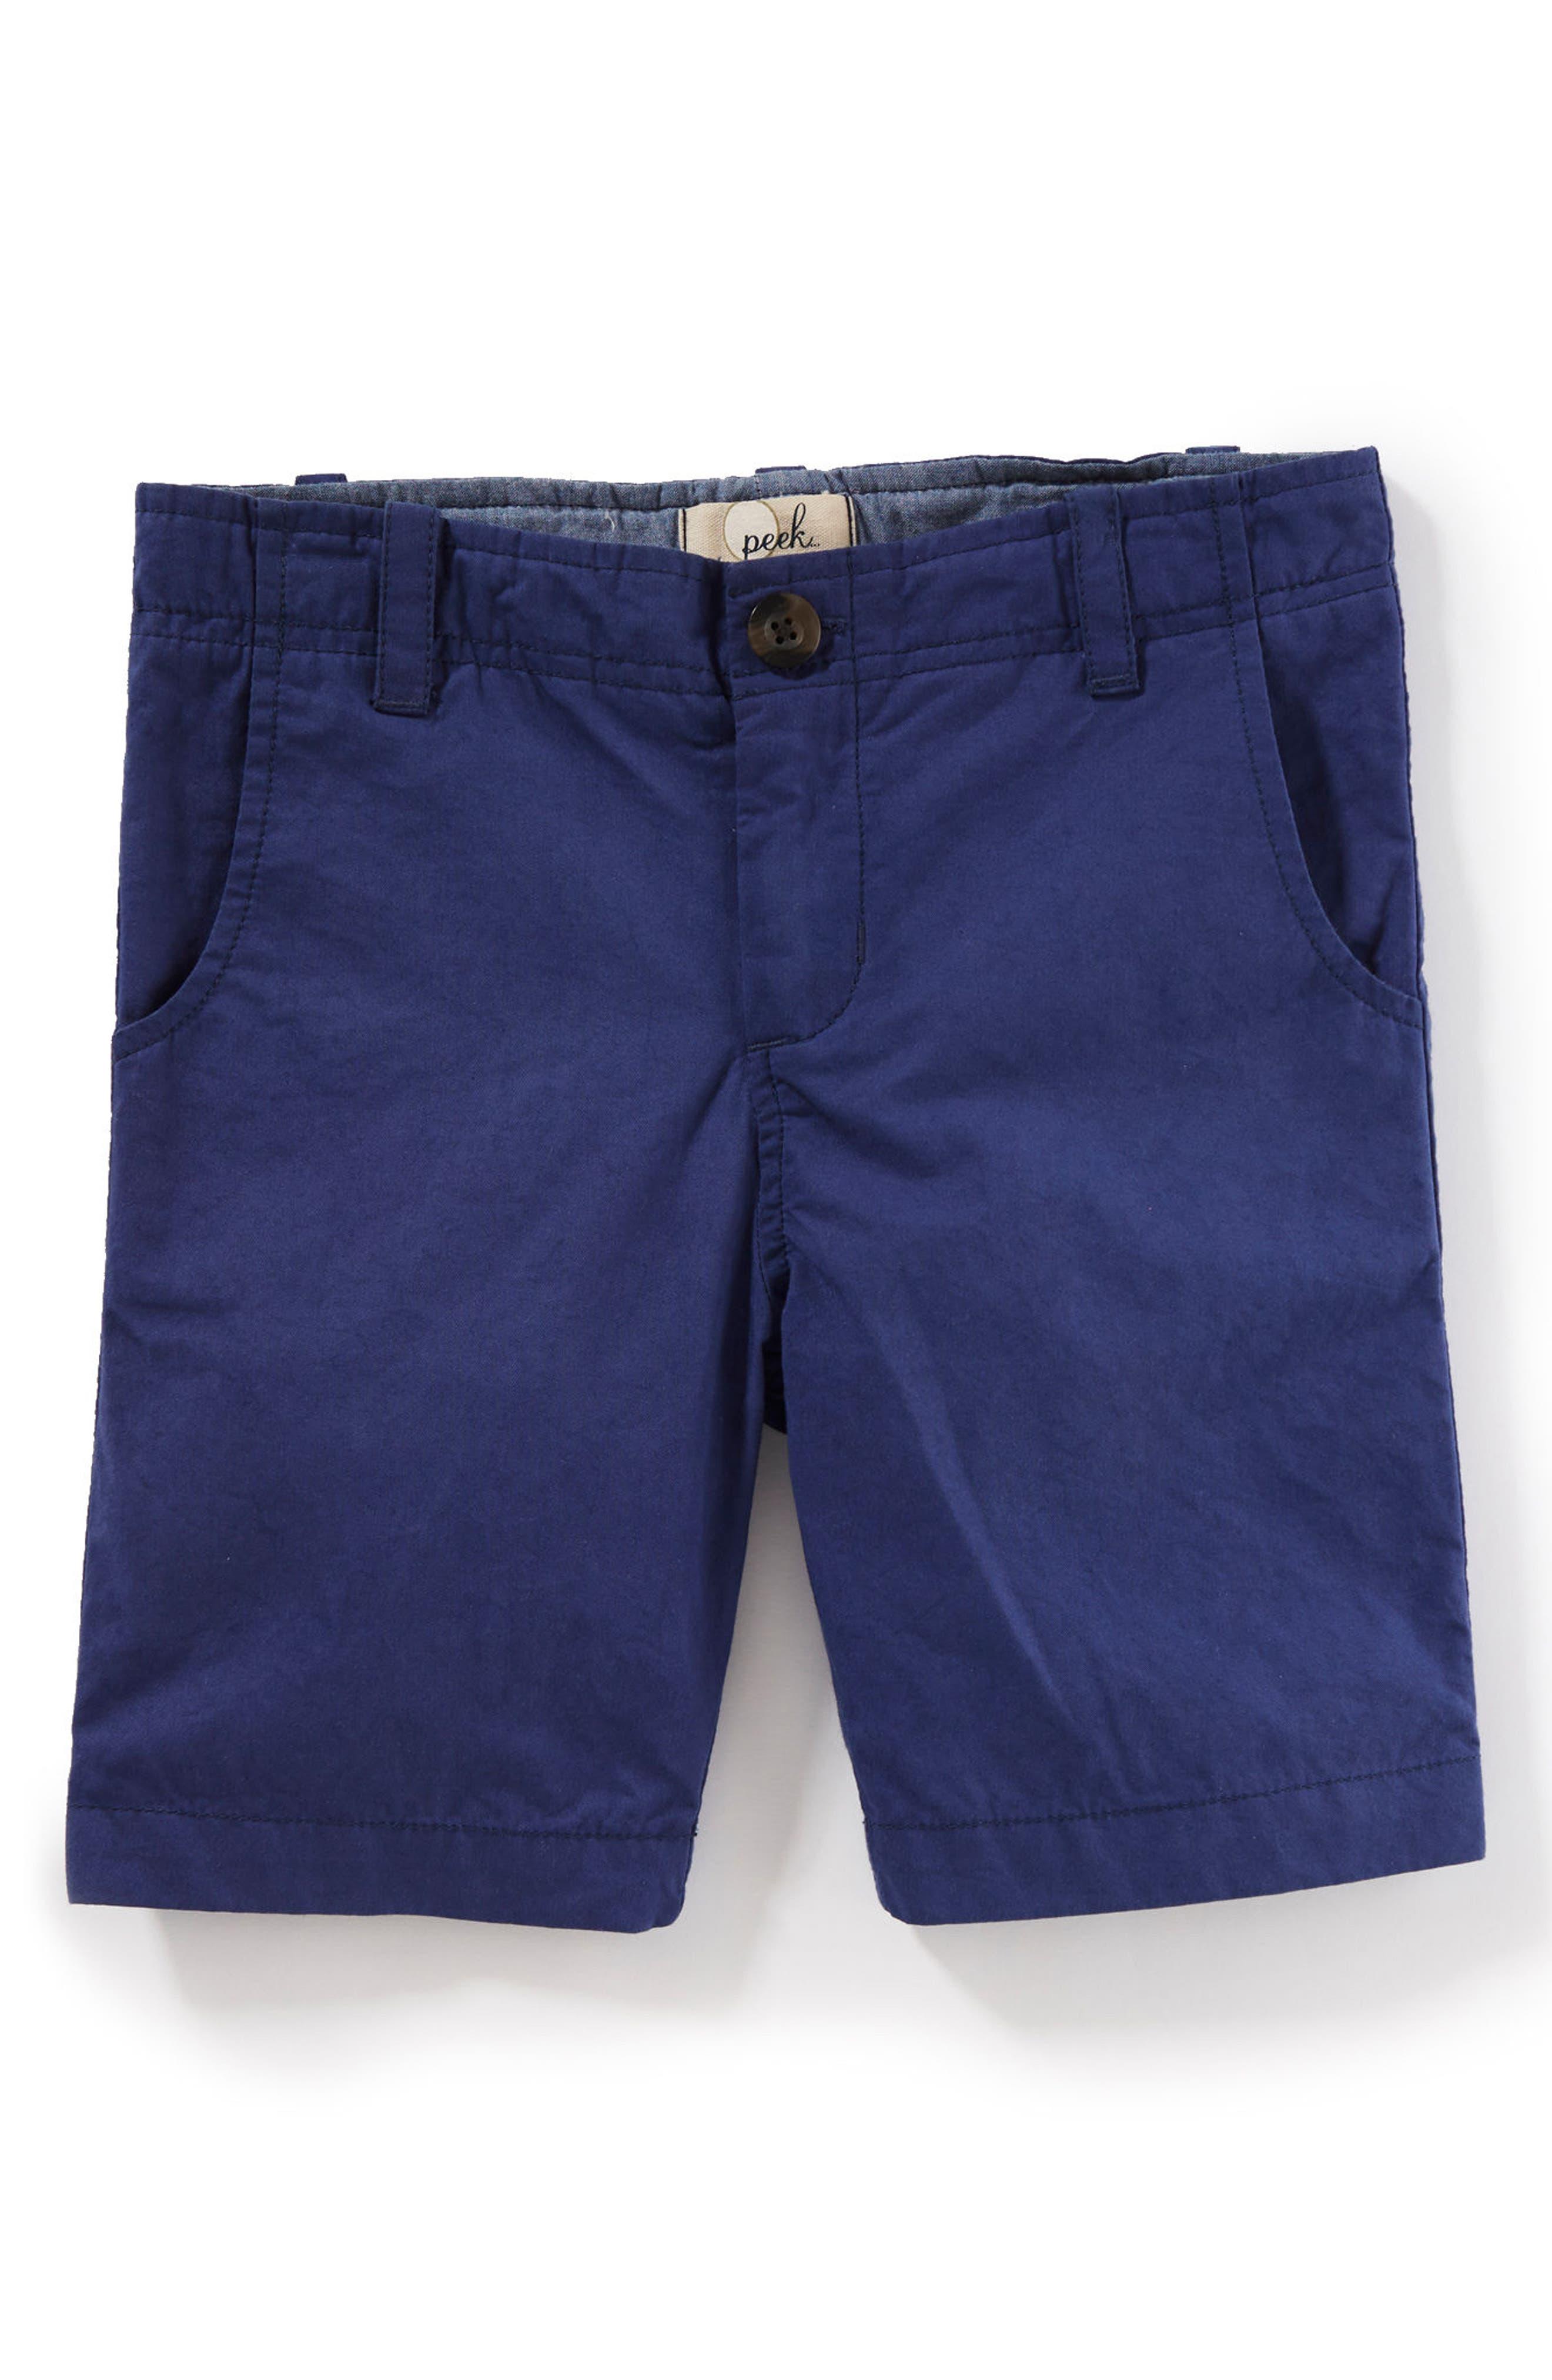 Peek Hudson Shorts (Toddler Boys, Little Boys & Big Boys)